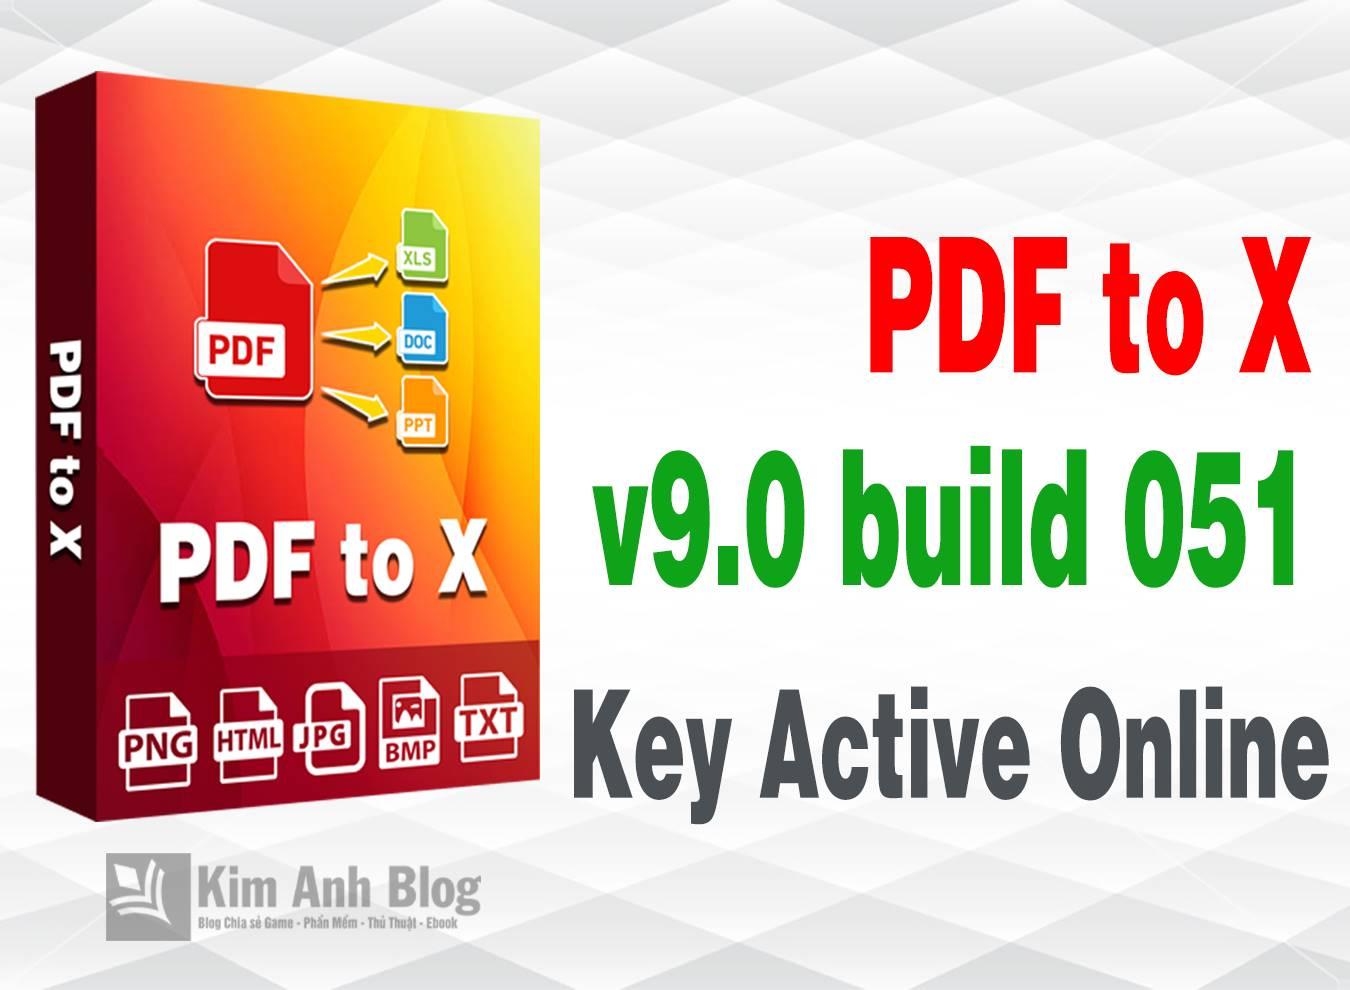 download pdf to x, pdf to x key, pdf to x, pdf to x 9.0, pdf to x full, phan mem chuyen doi pdf, chuyen doi pdf, convert pdf to word, convert pdf to jpg, convert pdf to png, convert pdf to html, convert pdf, chuyen doi file pdf online